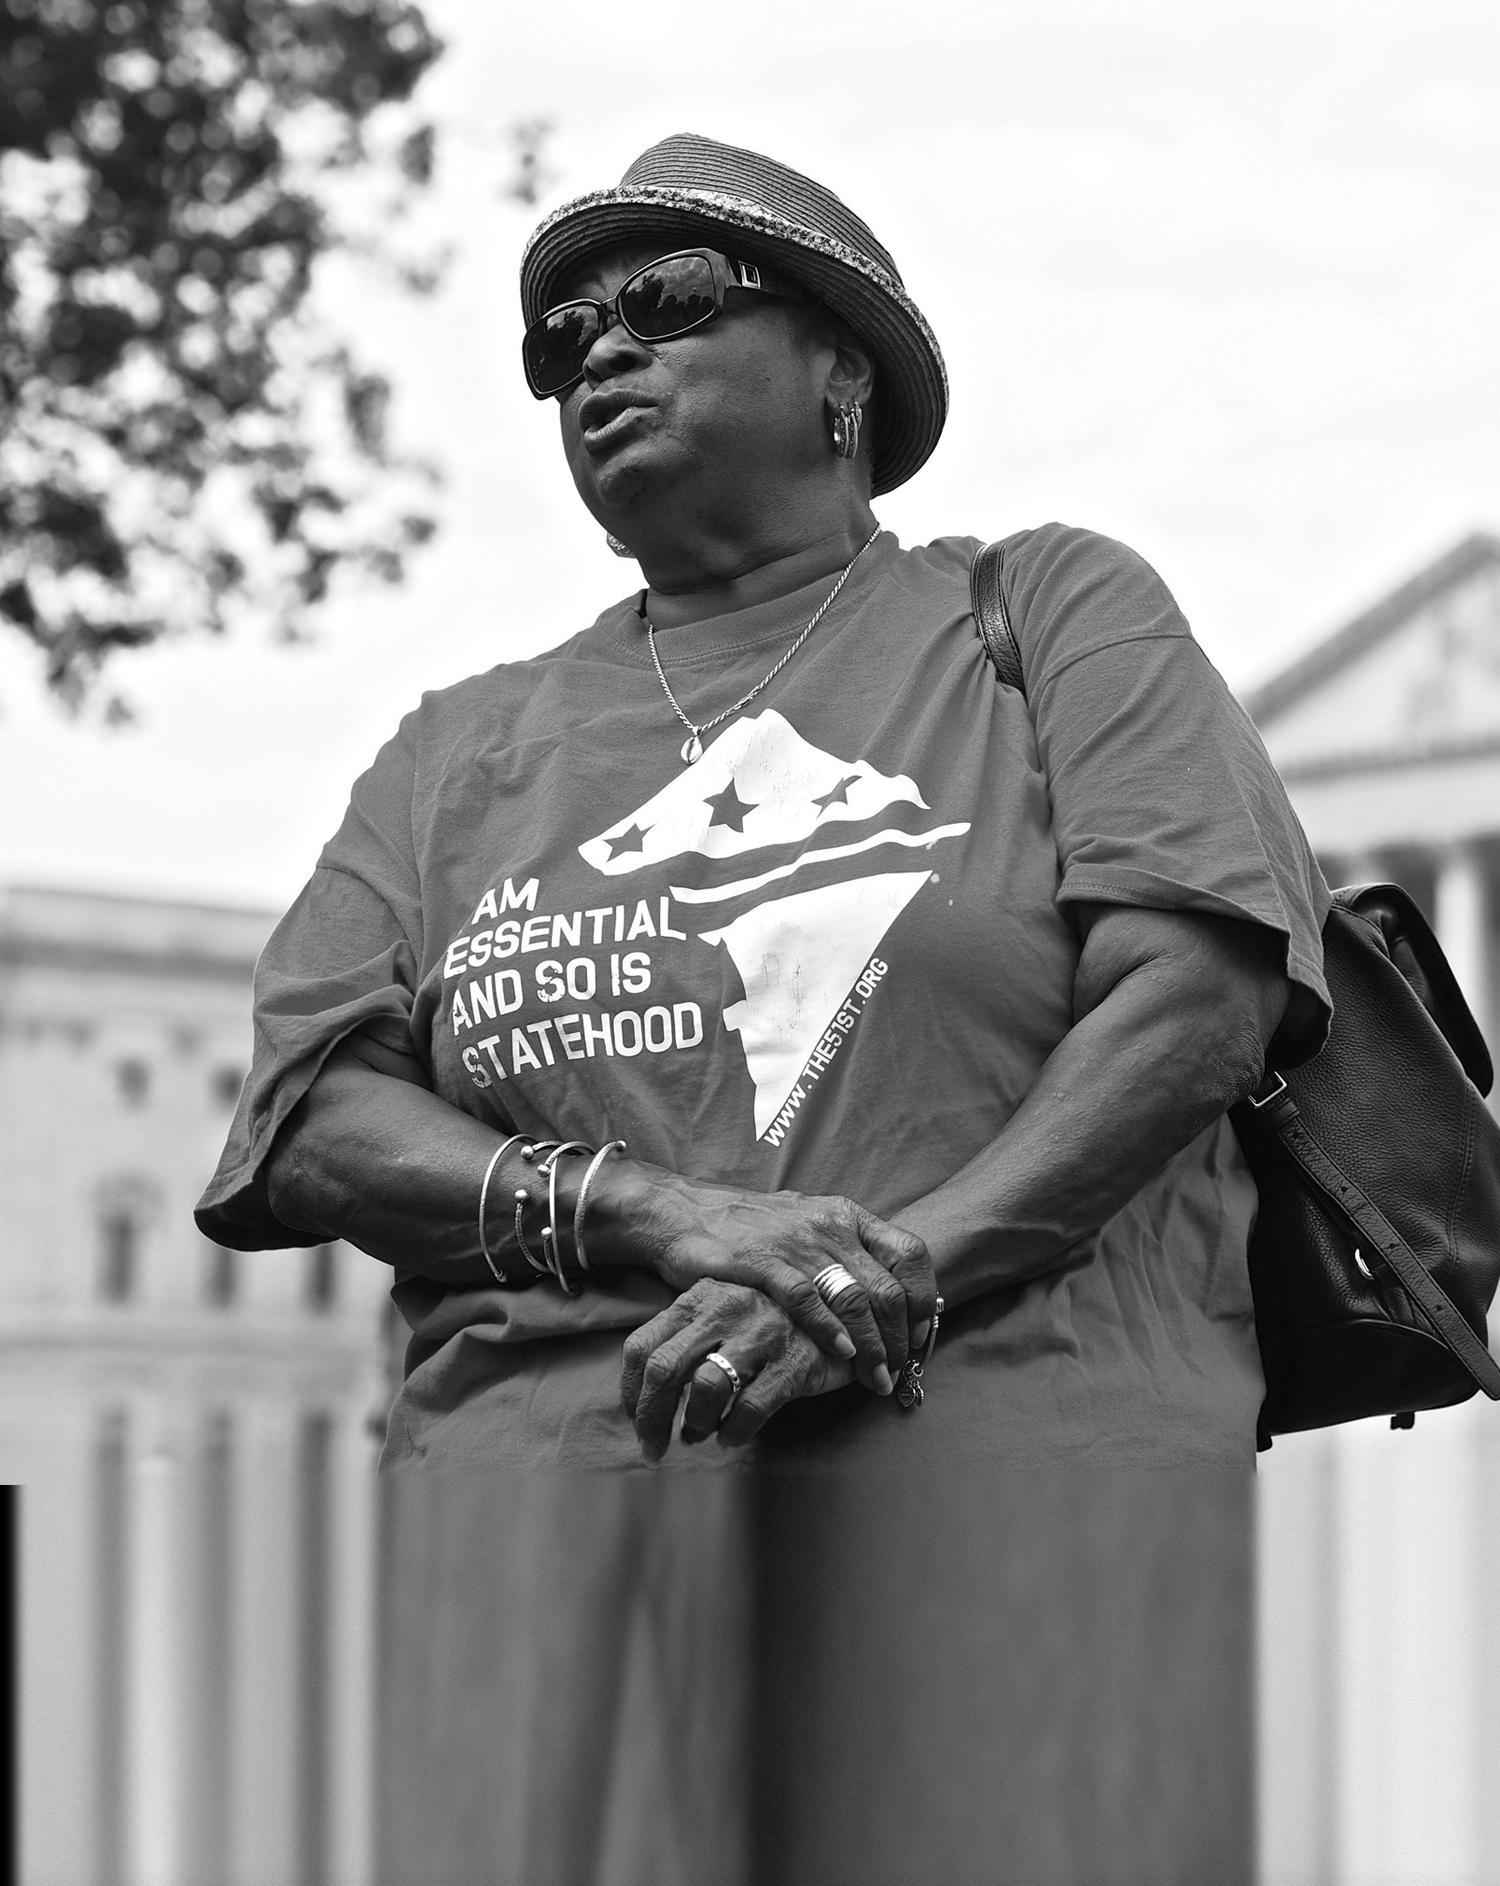 DC statehood activist